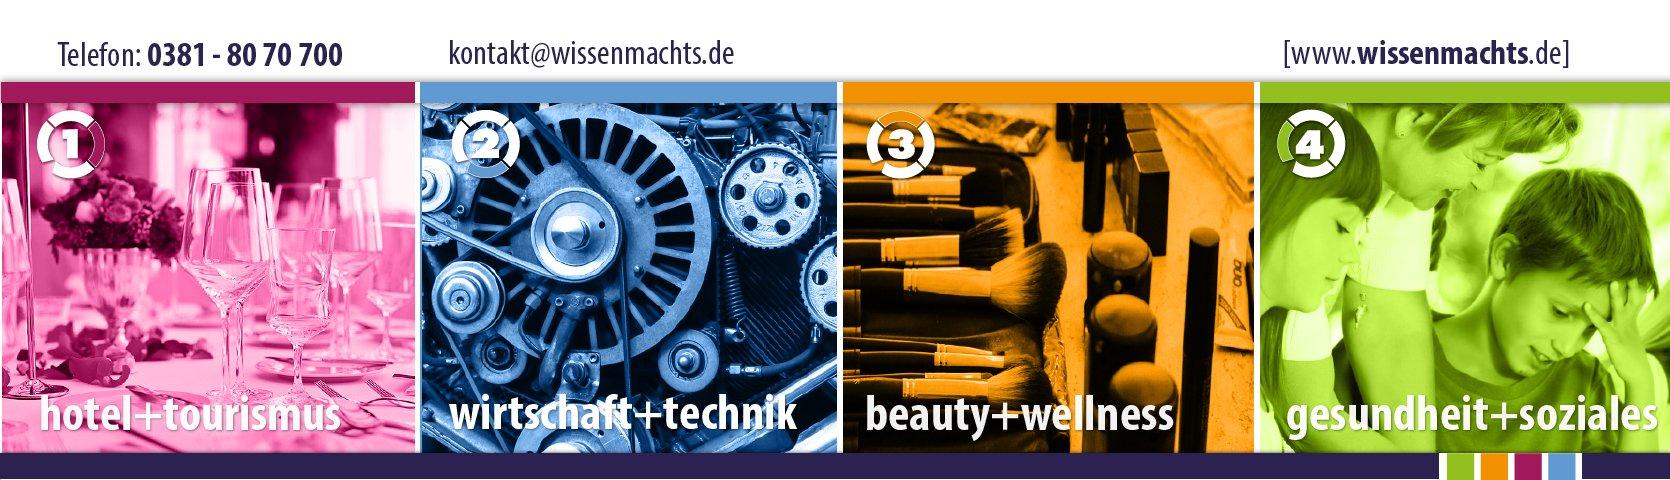 Hotel- und Wirtschaftsschule Rostock GmbH